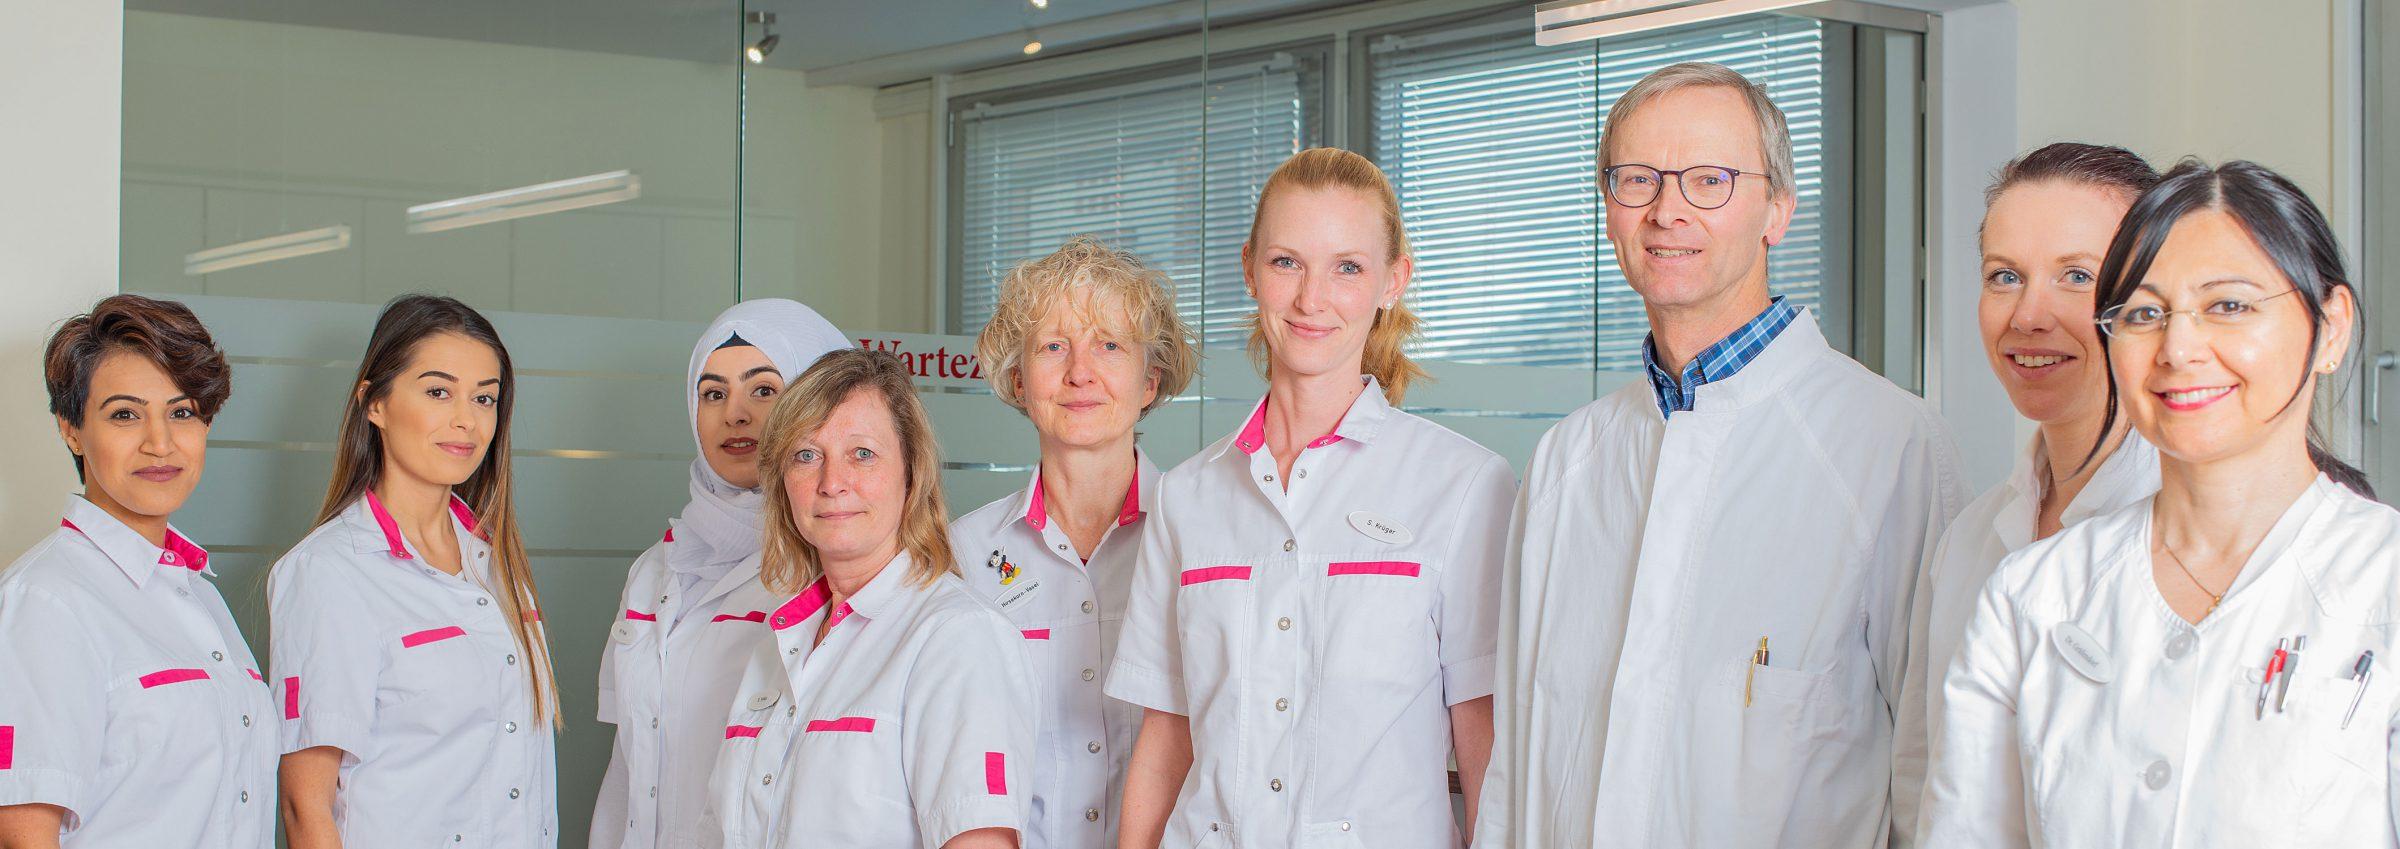 Arztzentrum Pinneberg Team - Dr. Gräfendorf - Dr. Loeck und Kollegen